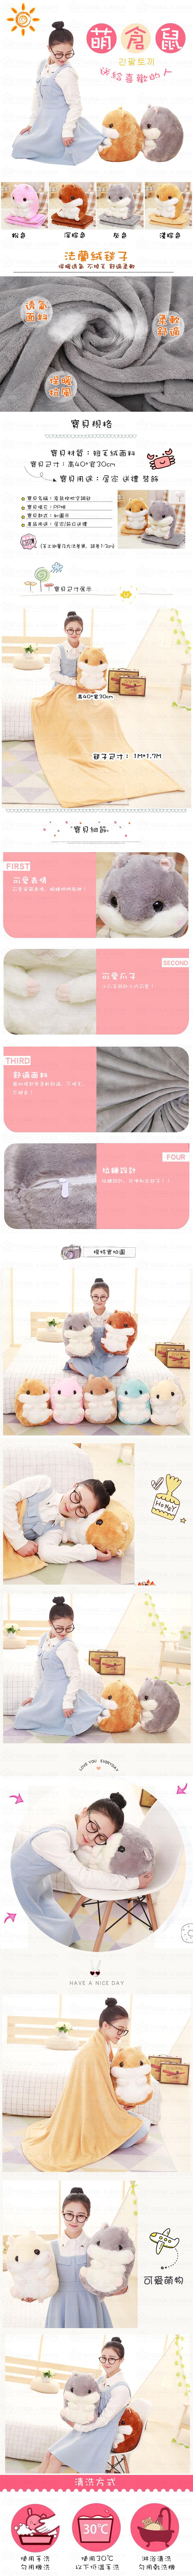 倉鼠抱枕(浮水印)